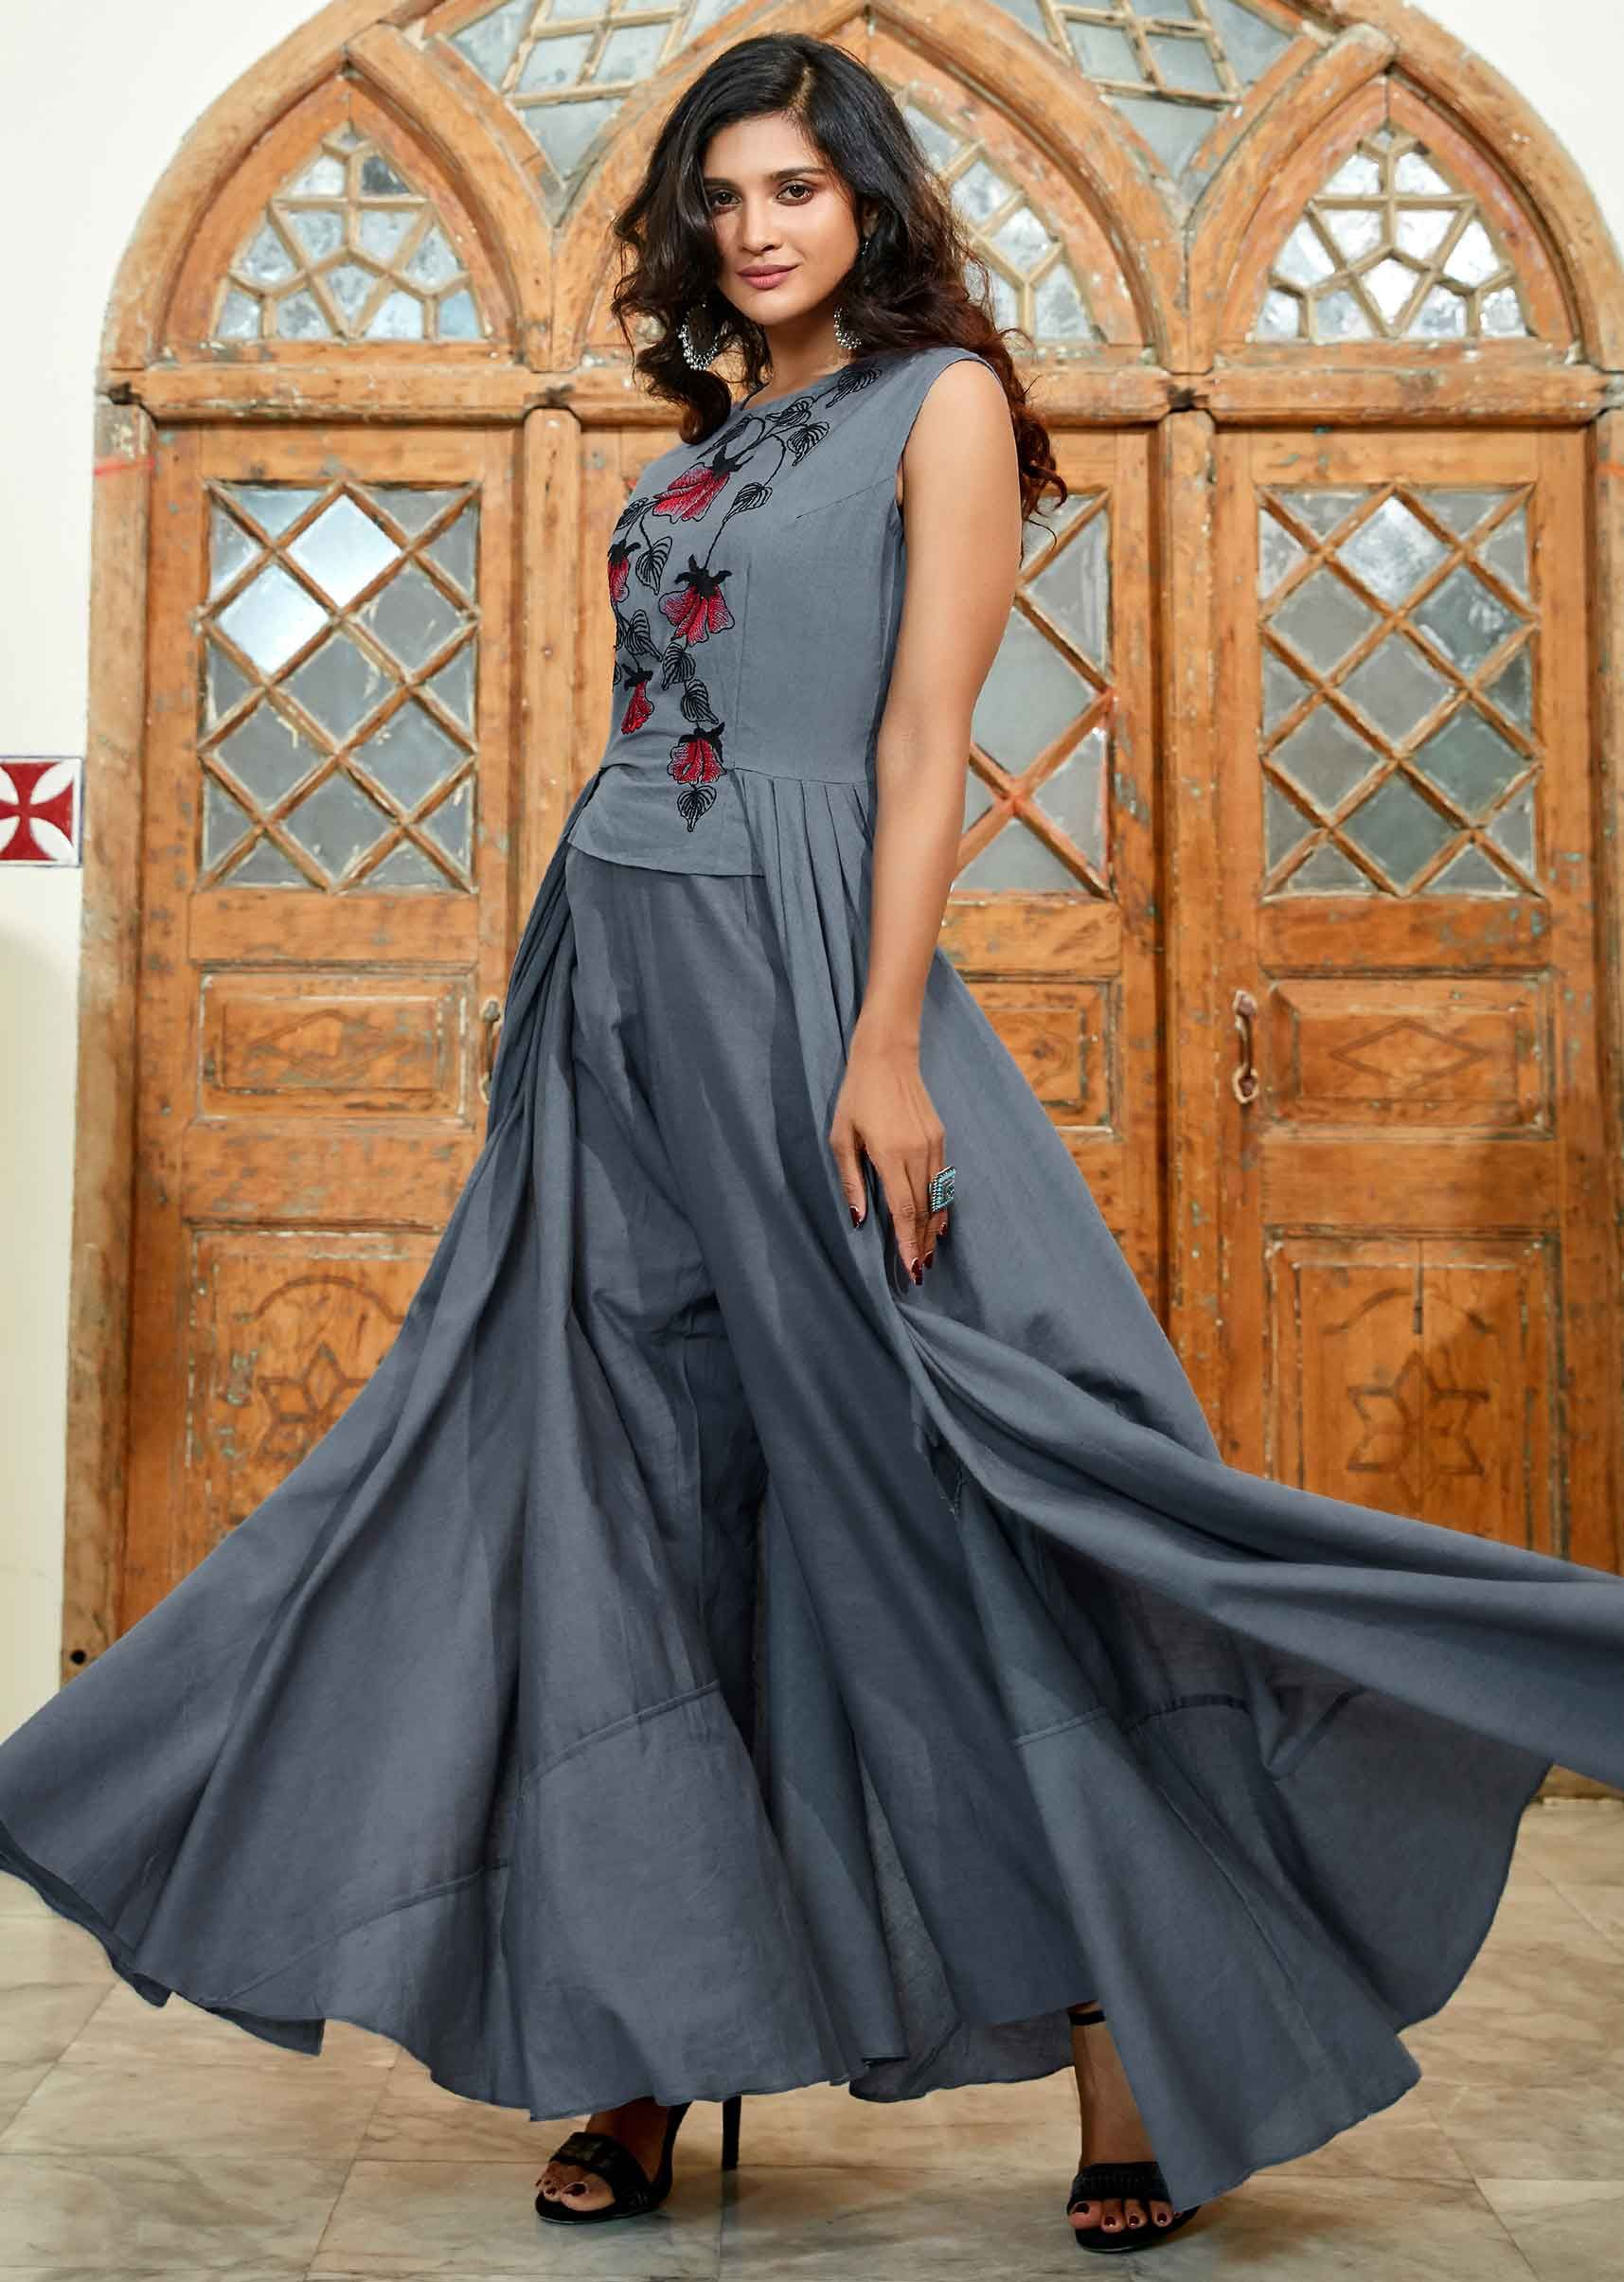 96aa04c879e Drape Gowns  Buy Designer Drape Gowns   Dresses for Women Online - Kalki  Fashion